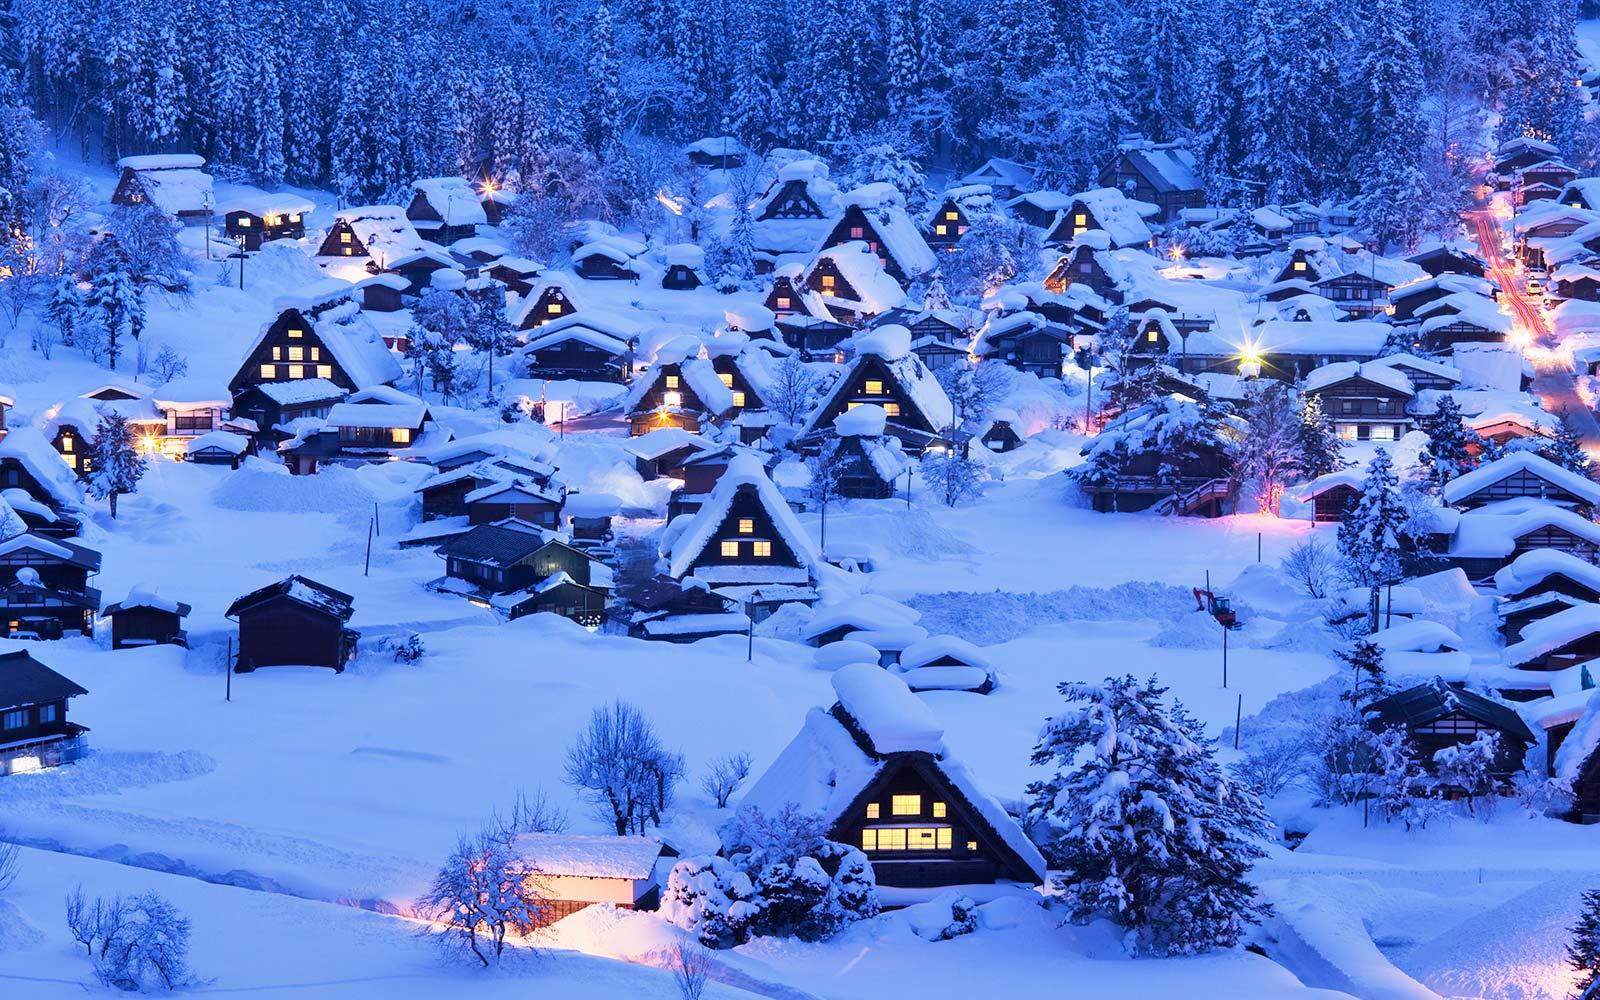 mùa đông làng cổ rực rỡ